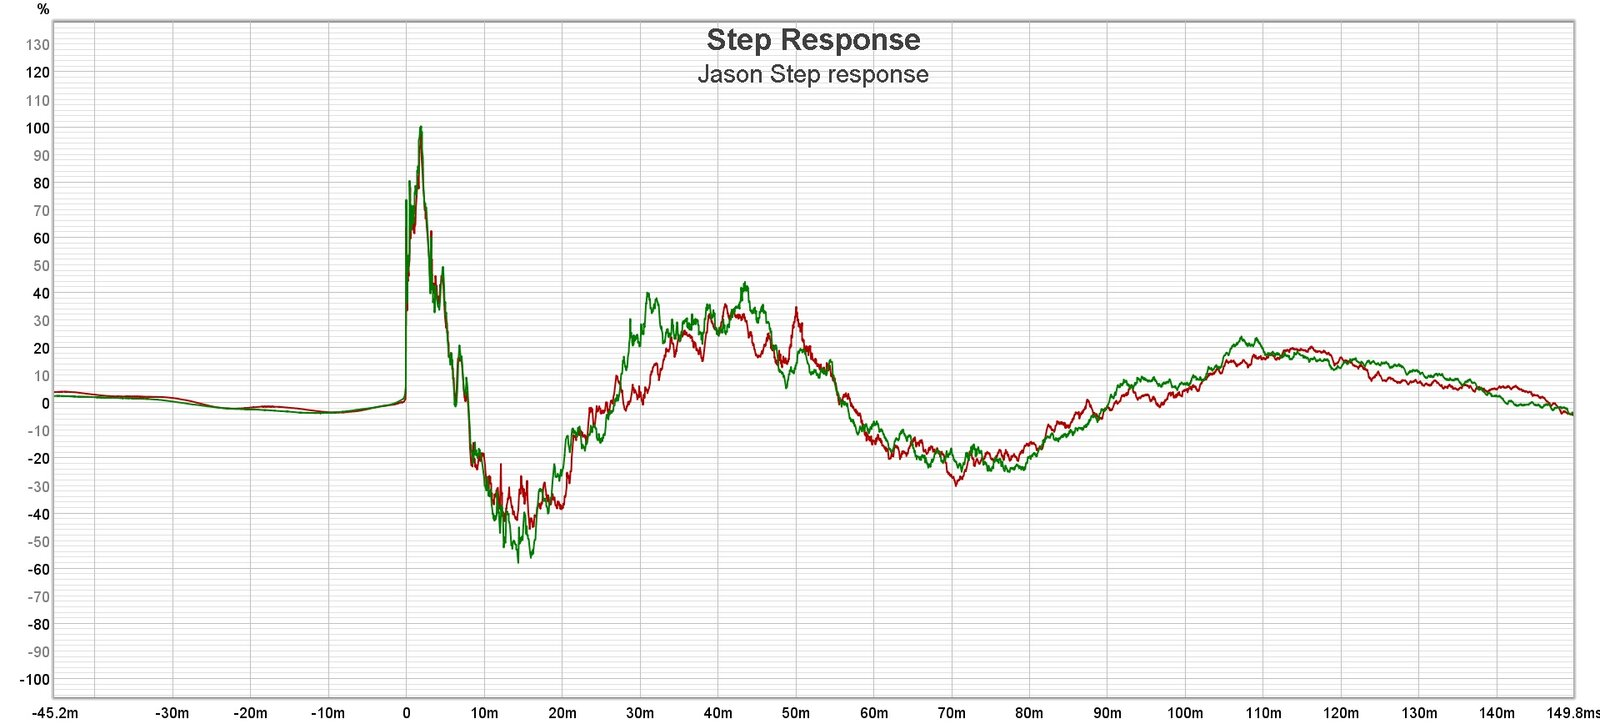 Jason Step response.jpg